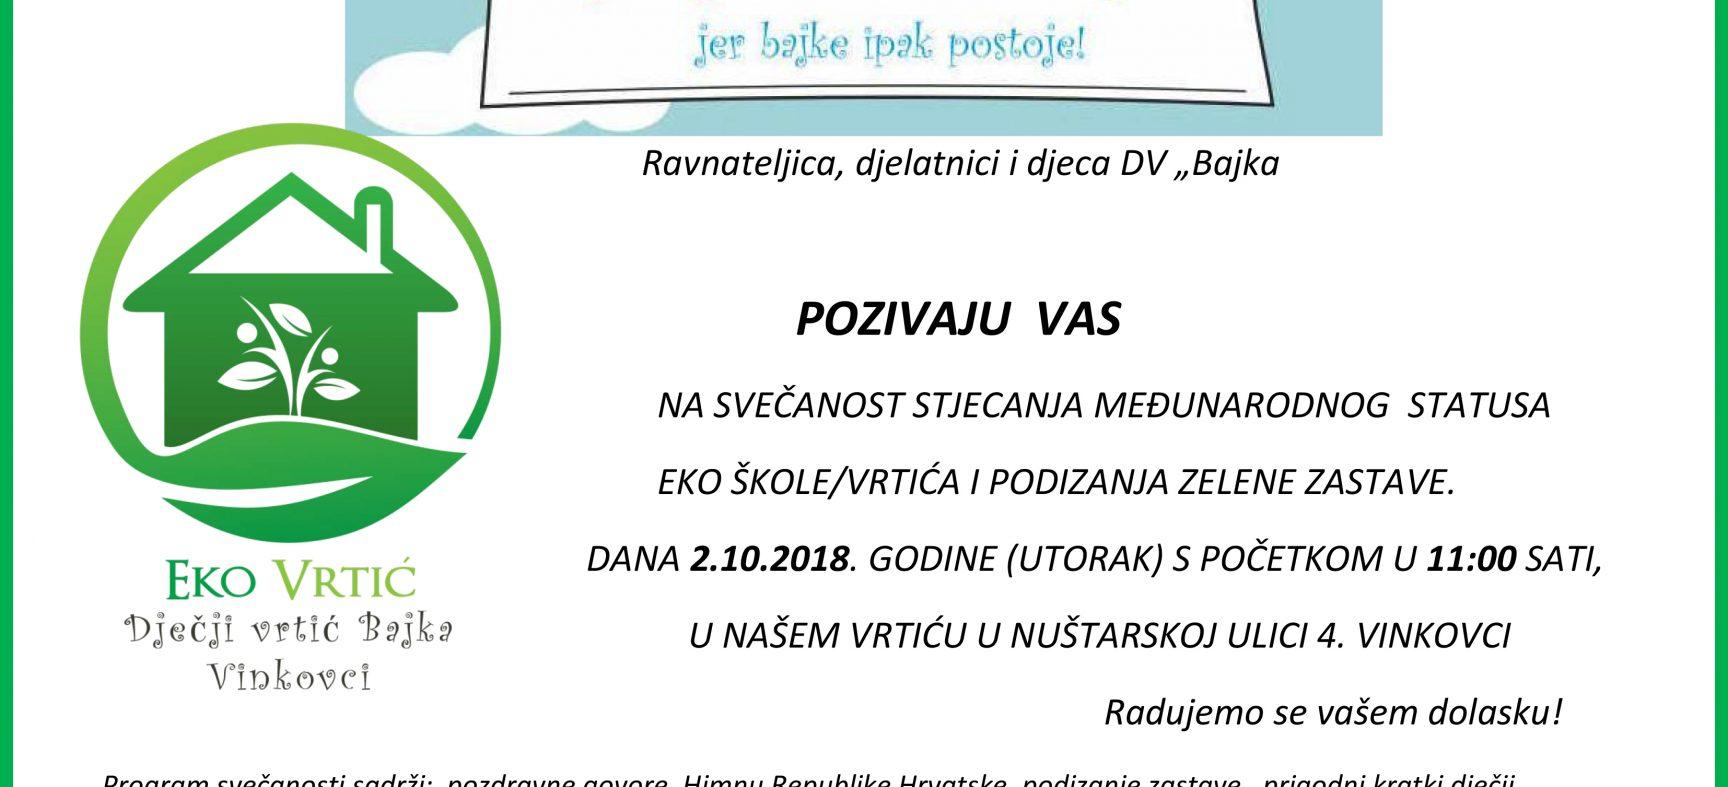 Svečanost stjecanja međunarodnog statusa Eko škole/vrtića i podizanja zelene zastave